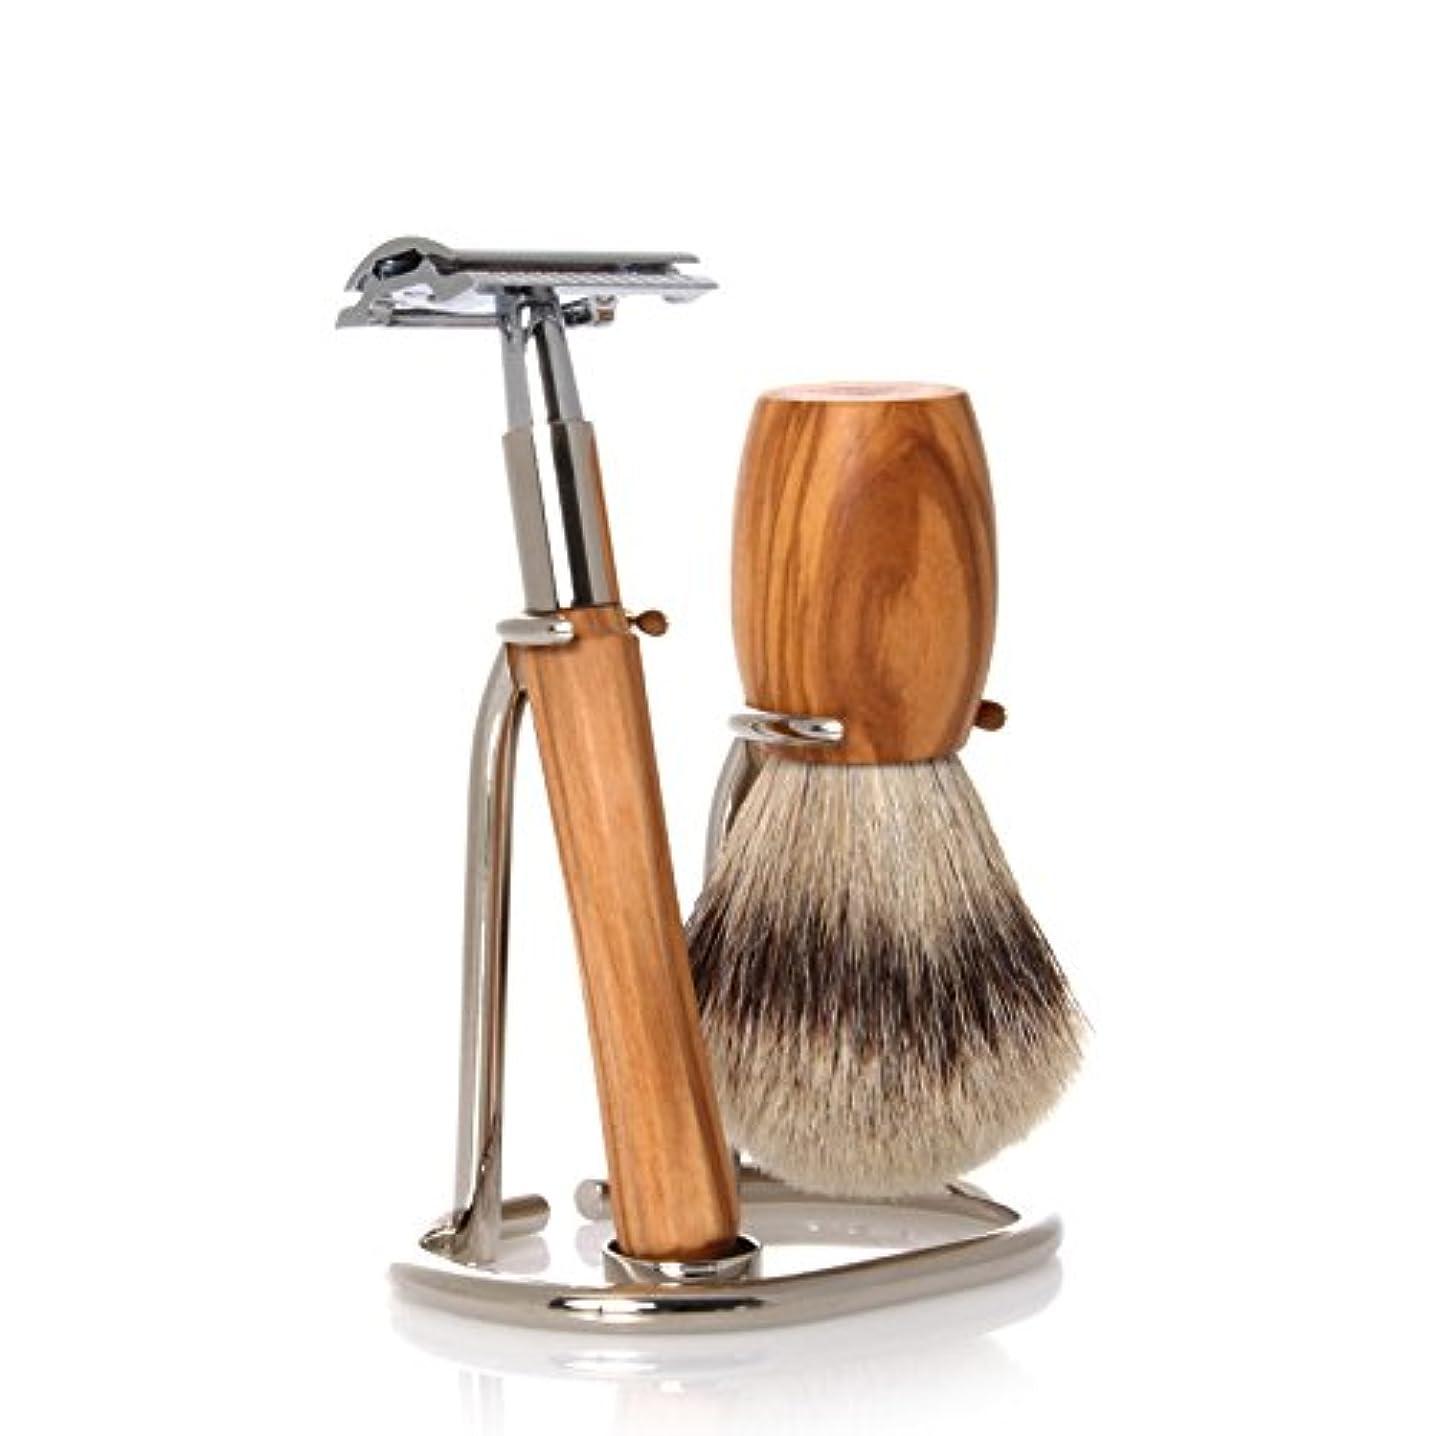 うめきパーツ灰GOLDDACHS Shaving Set, Safety razor, Silvertip, olive wood